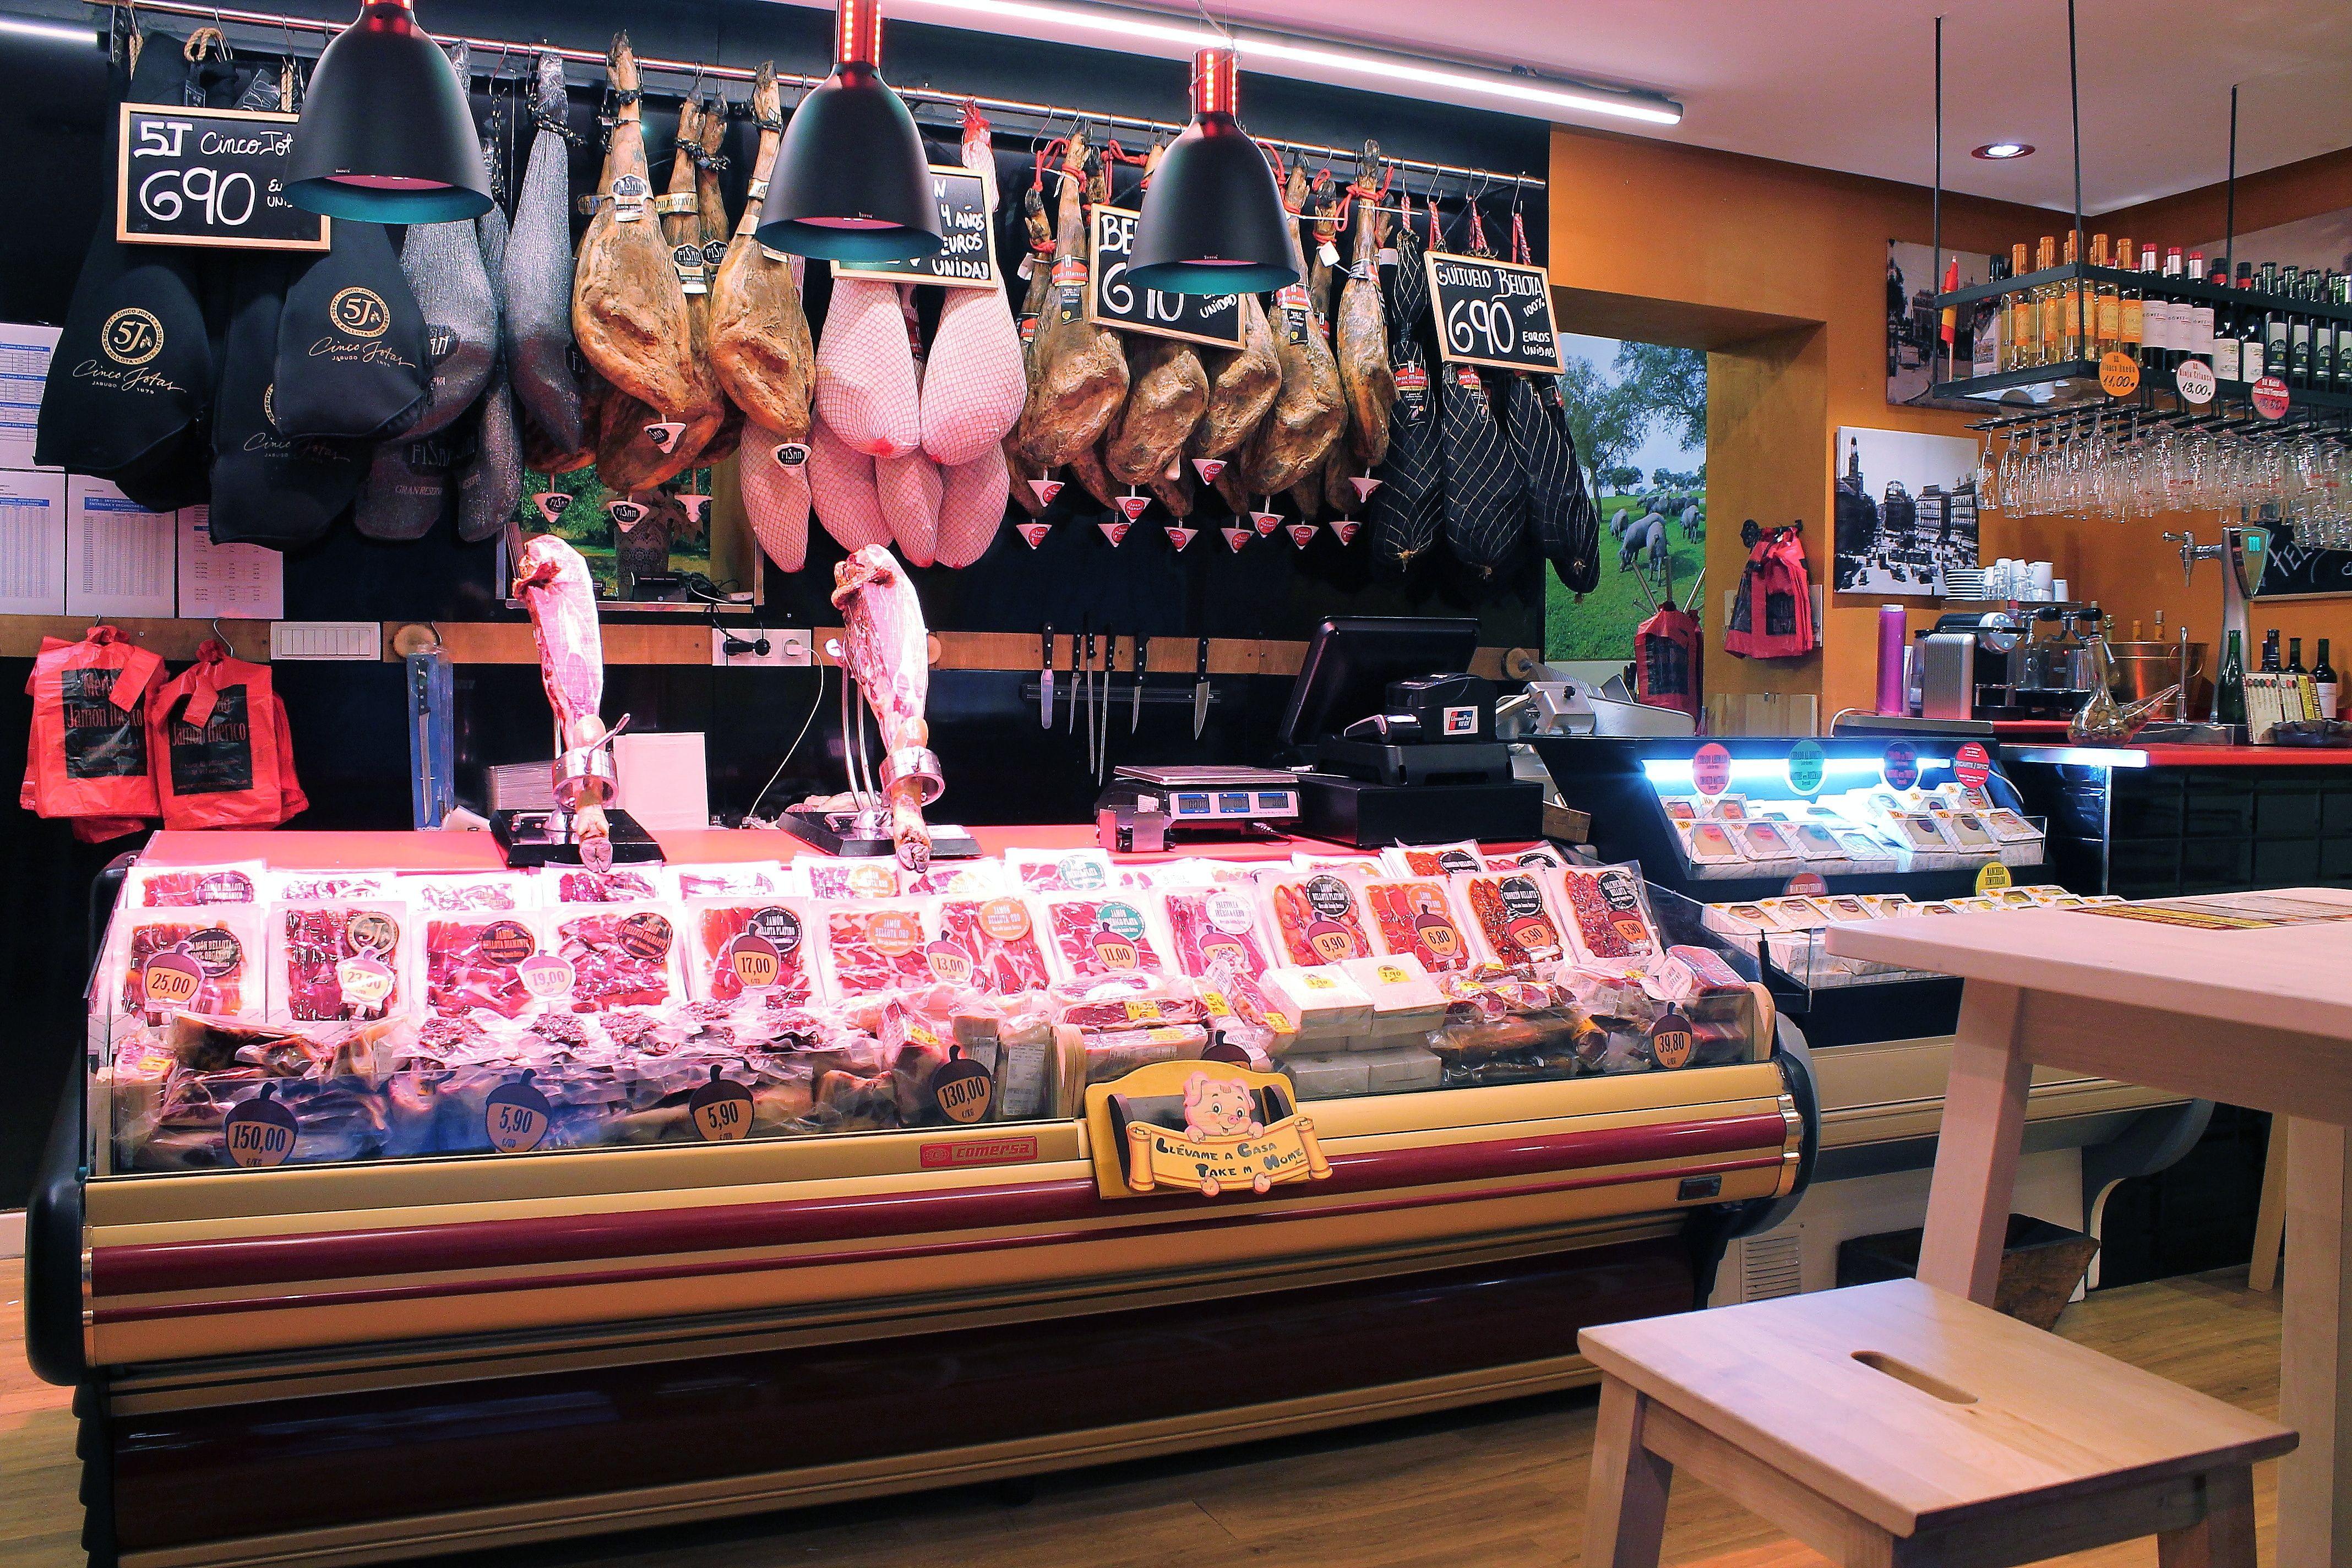 Comprar jamón en Madrid centro